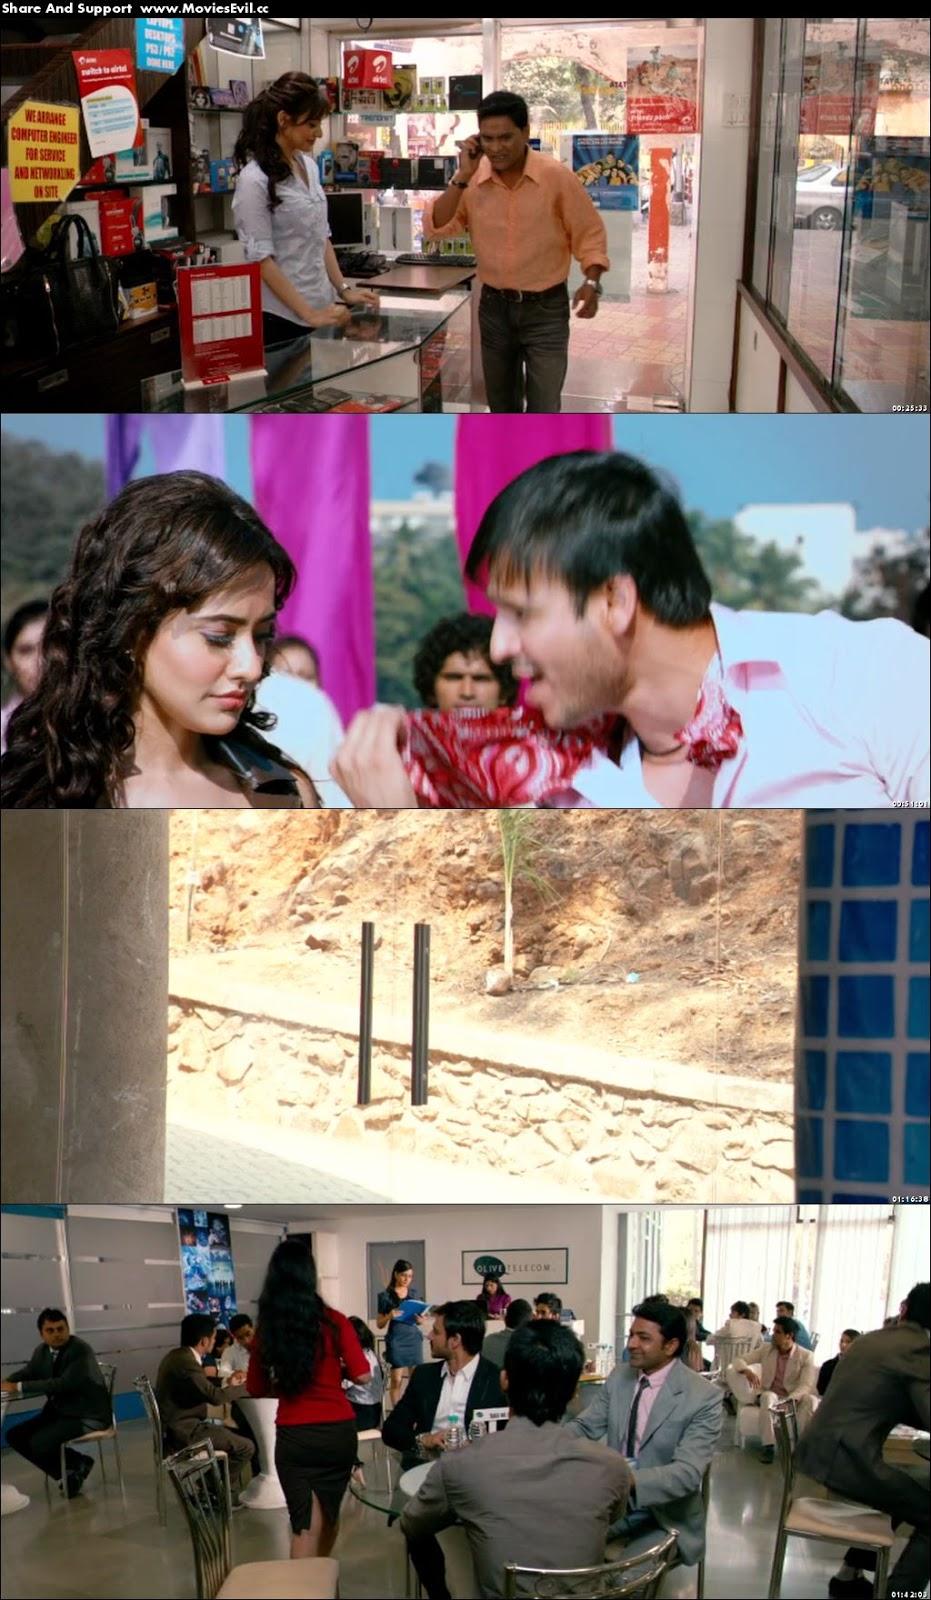 Jayantabhai Ki Luv Story 2013 Hindi 720p DvDRip x264 Full Movie Download,Jayantabhai Ki Luv Story 2013 movie download,Jayantabhai Ki Luv Story 2013 direct link download,Jayantabhai Ki Luv Story 2013300 mb download,Jayantabhai Ki Luv Story 2013 720p bluray download